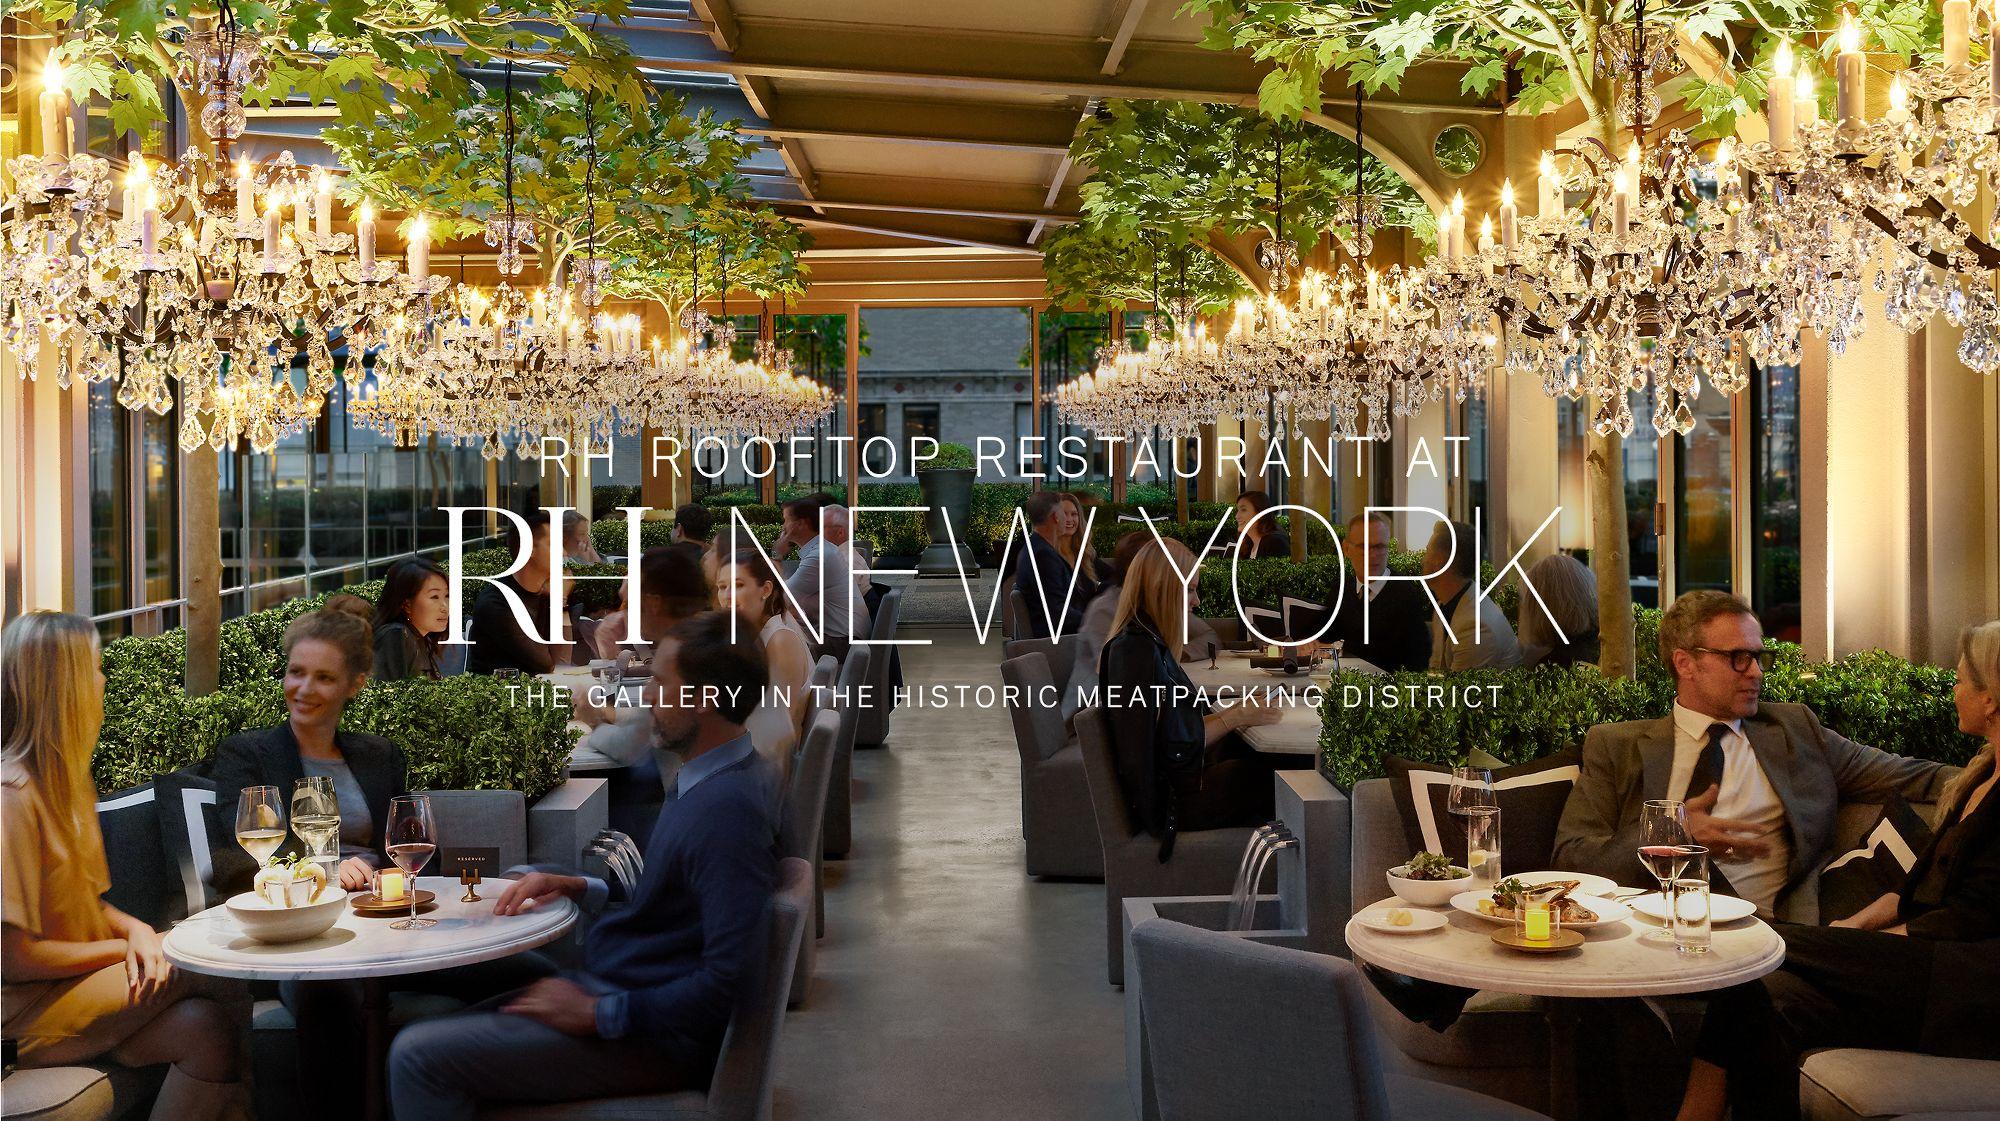 RHRestaurants | RH